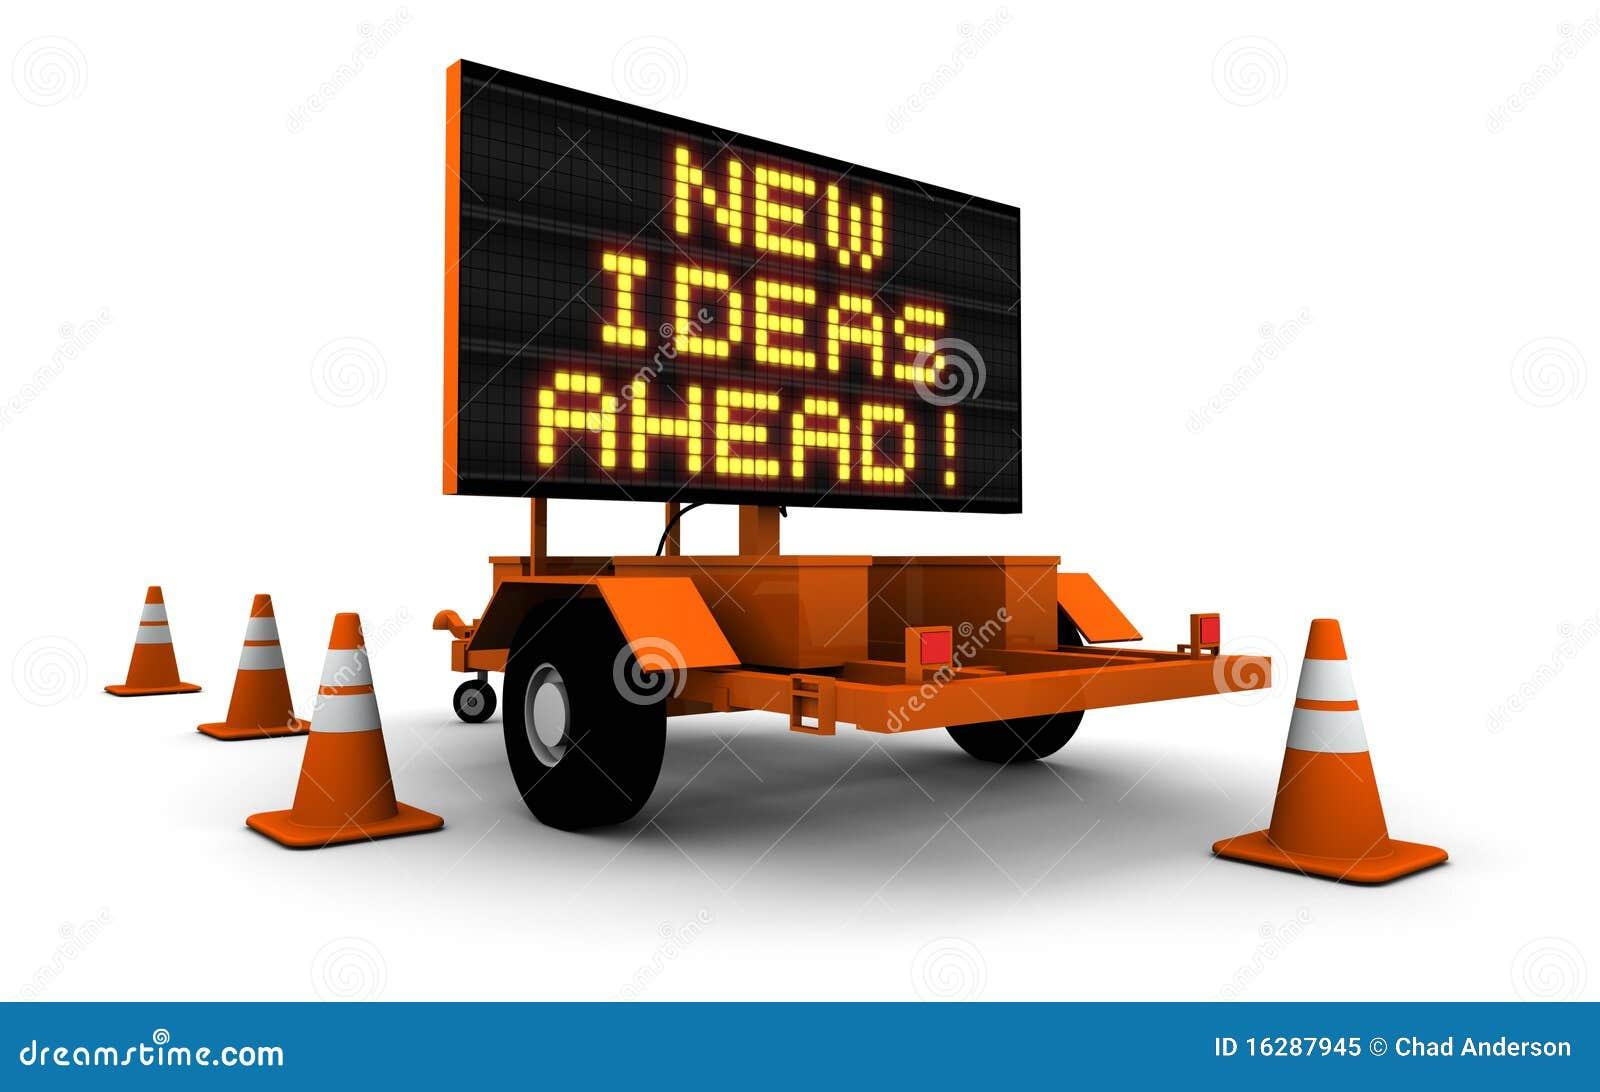 Nieuwe idee n vooruit het teken van de aanleg van wegen stock illustratie afbeelding 16287945 - Aanleg van groenvoorzieningen idee ...